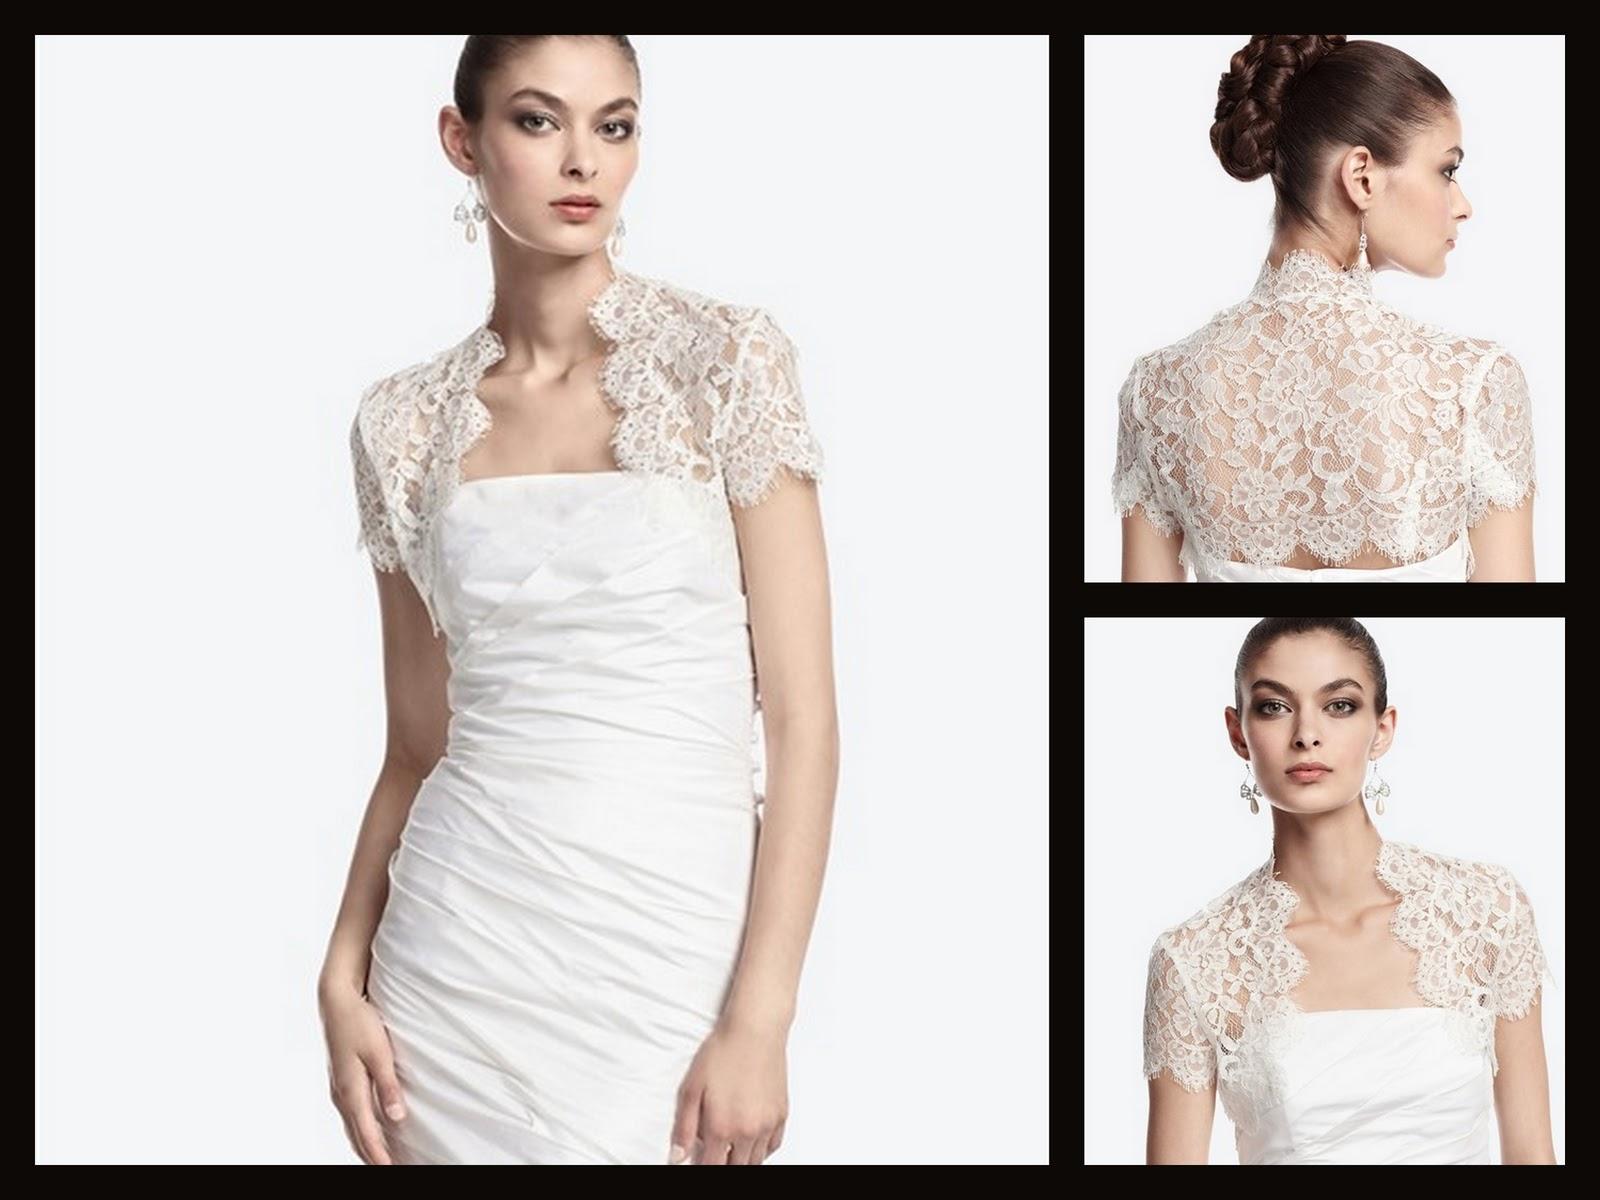 ModistaModesta: Make a Wedding Dress Modest